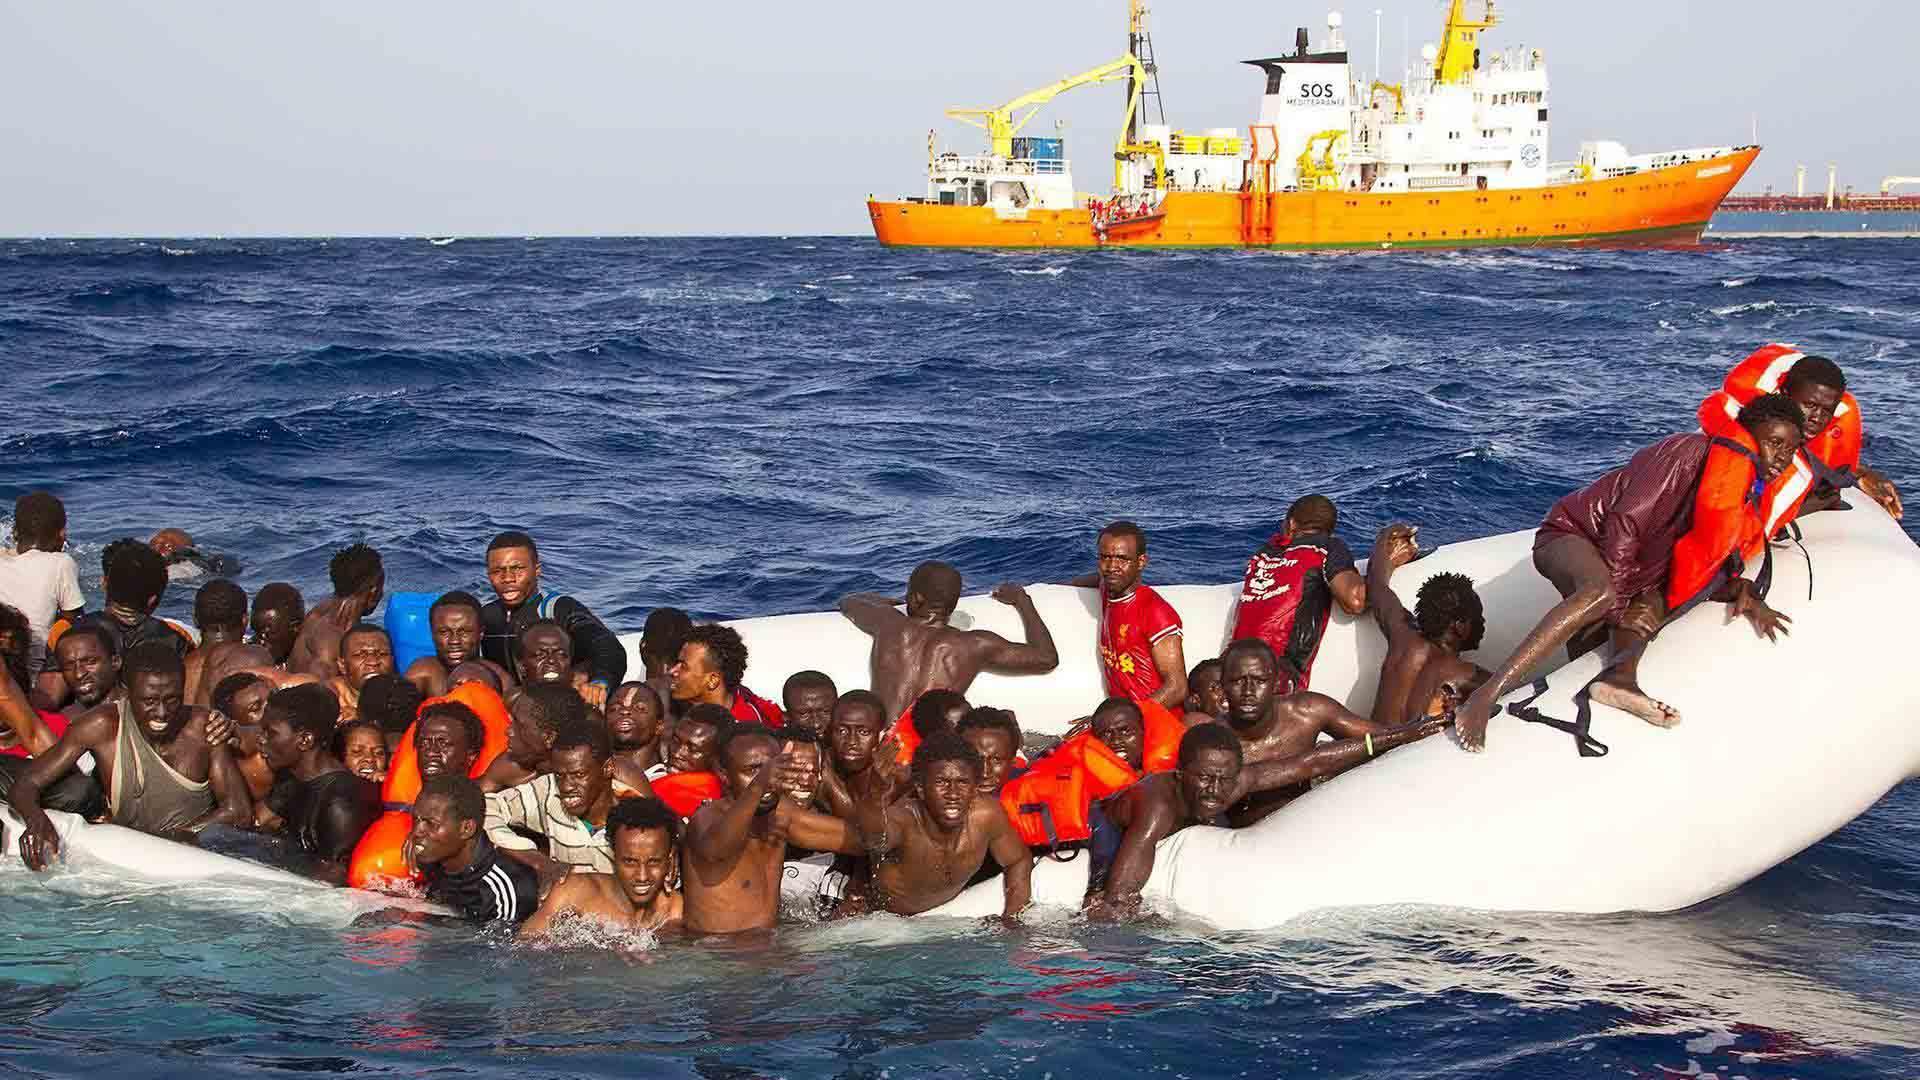 La ACNUR señala que entre enero y julio de 2018, uno de cada 18 refugiados falleció o desapareció en esta ruta marítima